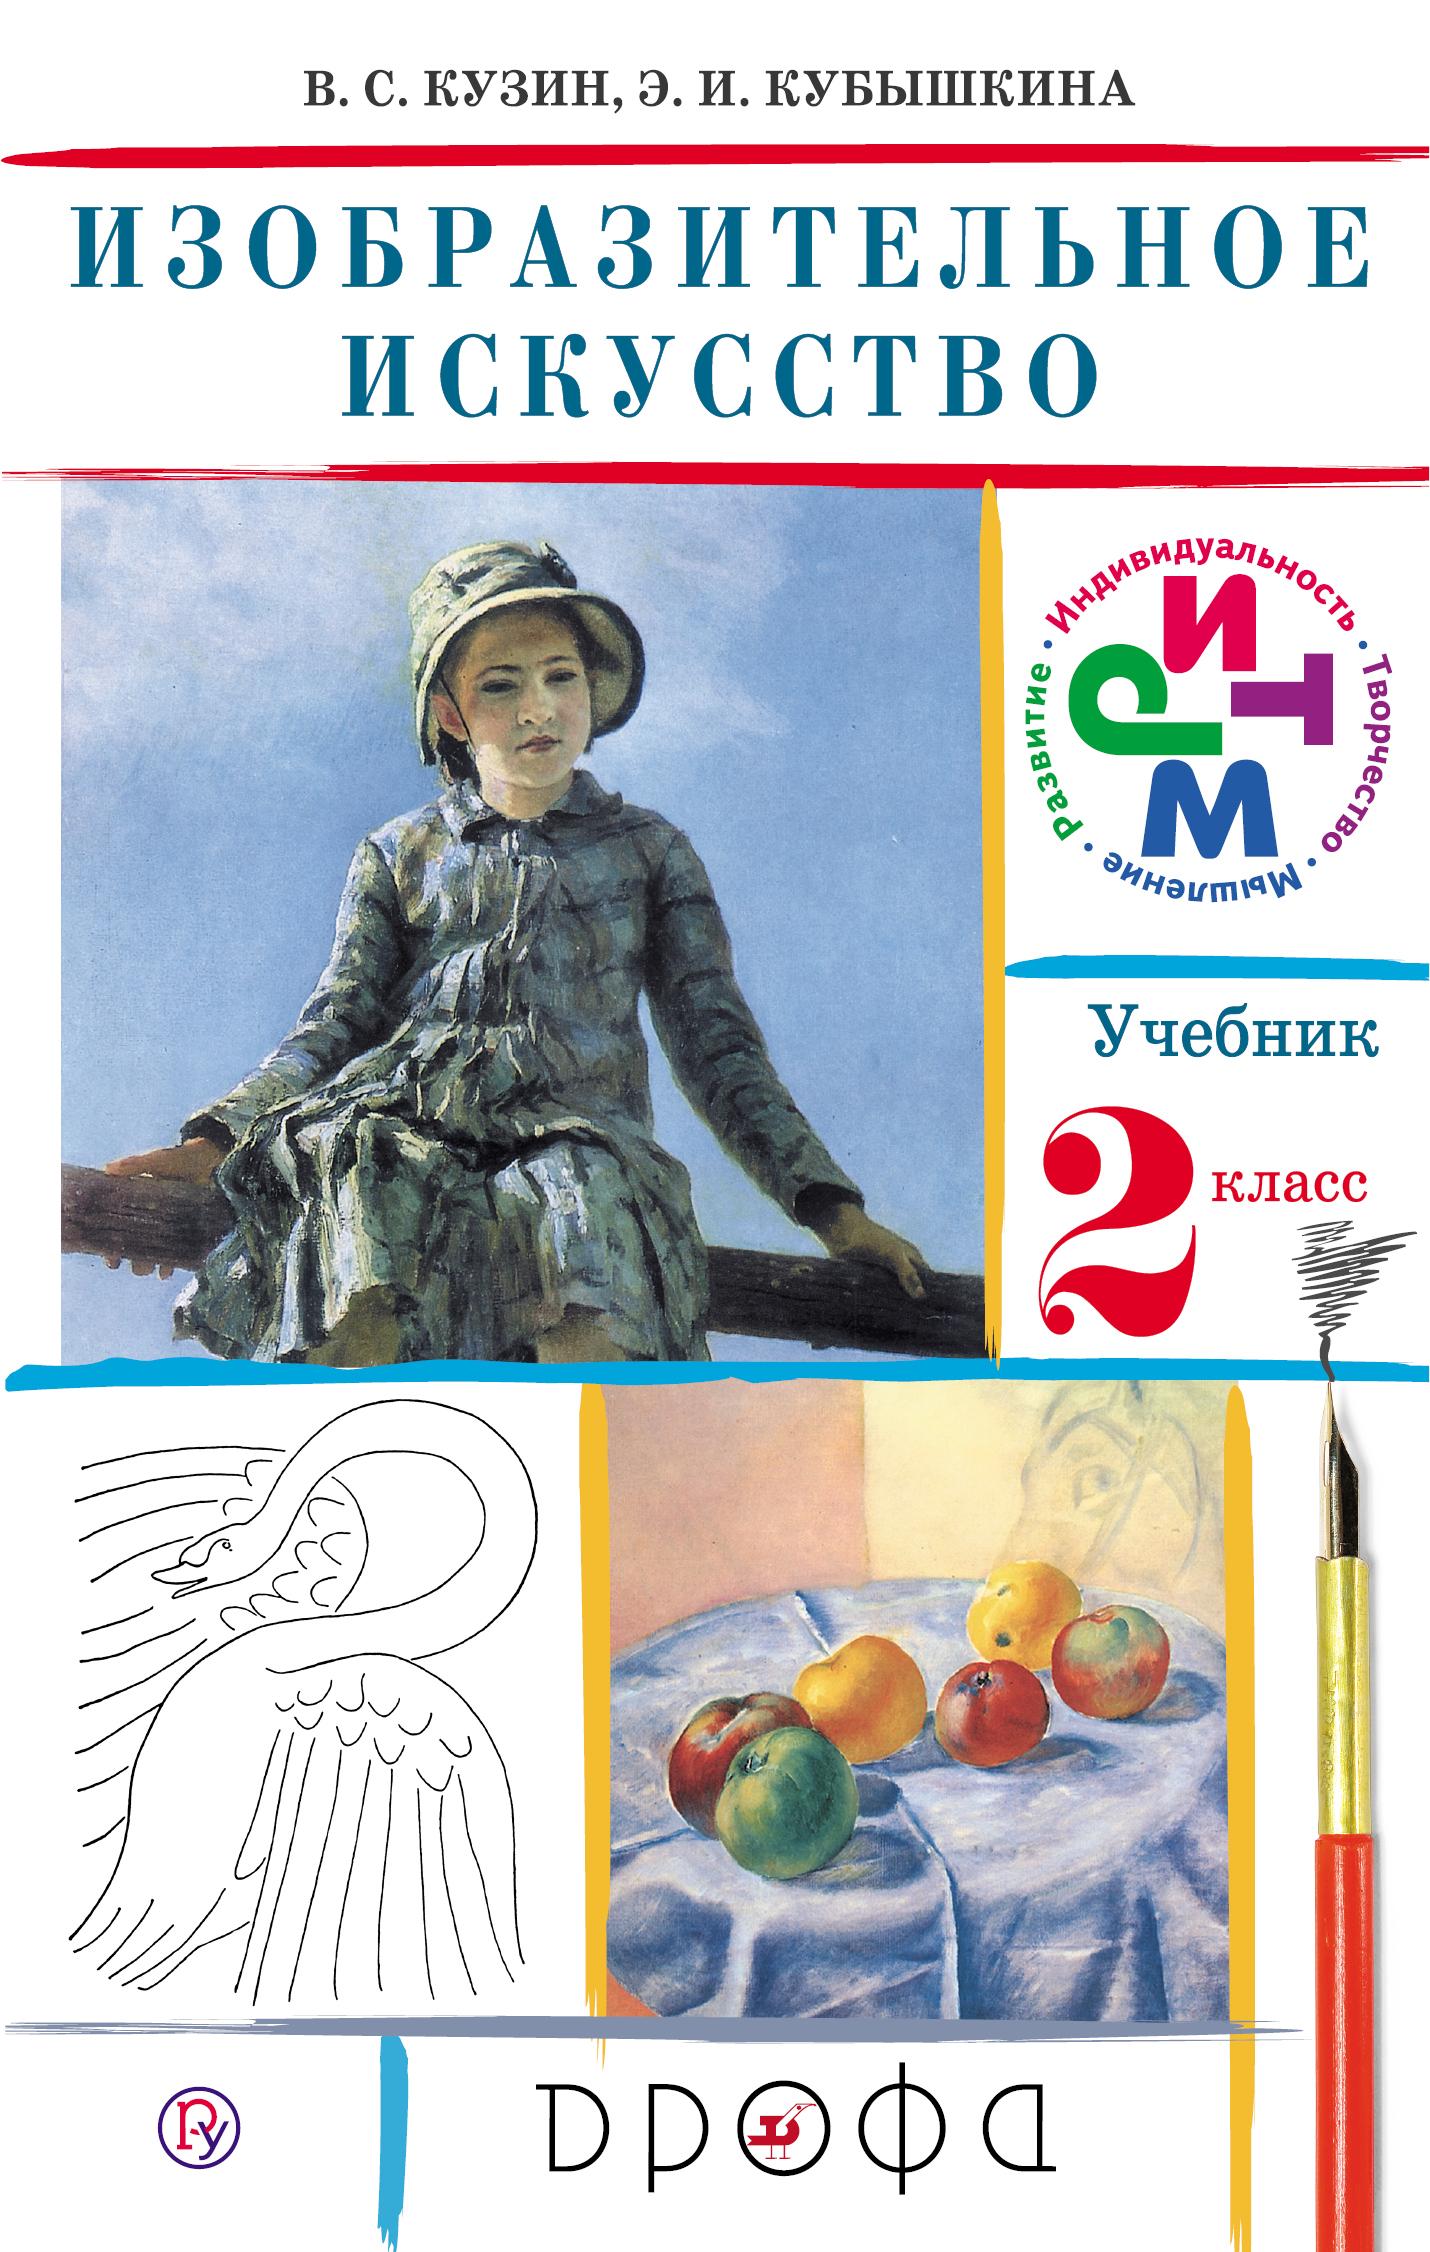 Изобразительное искусство. 2кл. Учебник. ( Кузин В.С., Кубышкина Э.И.  )